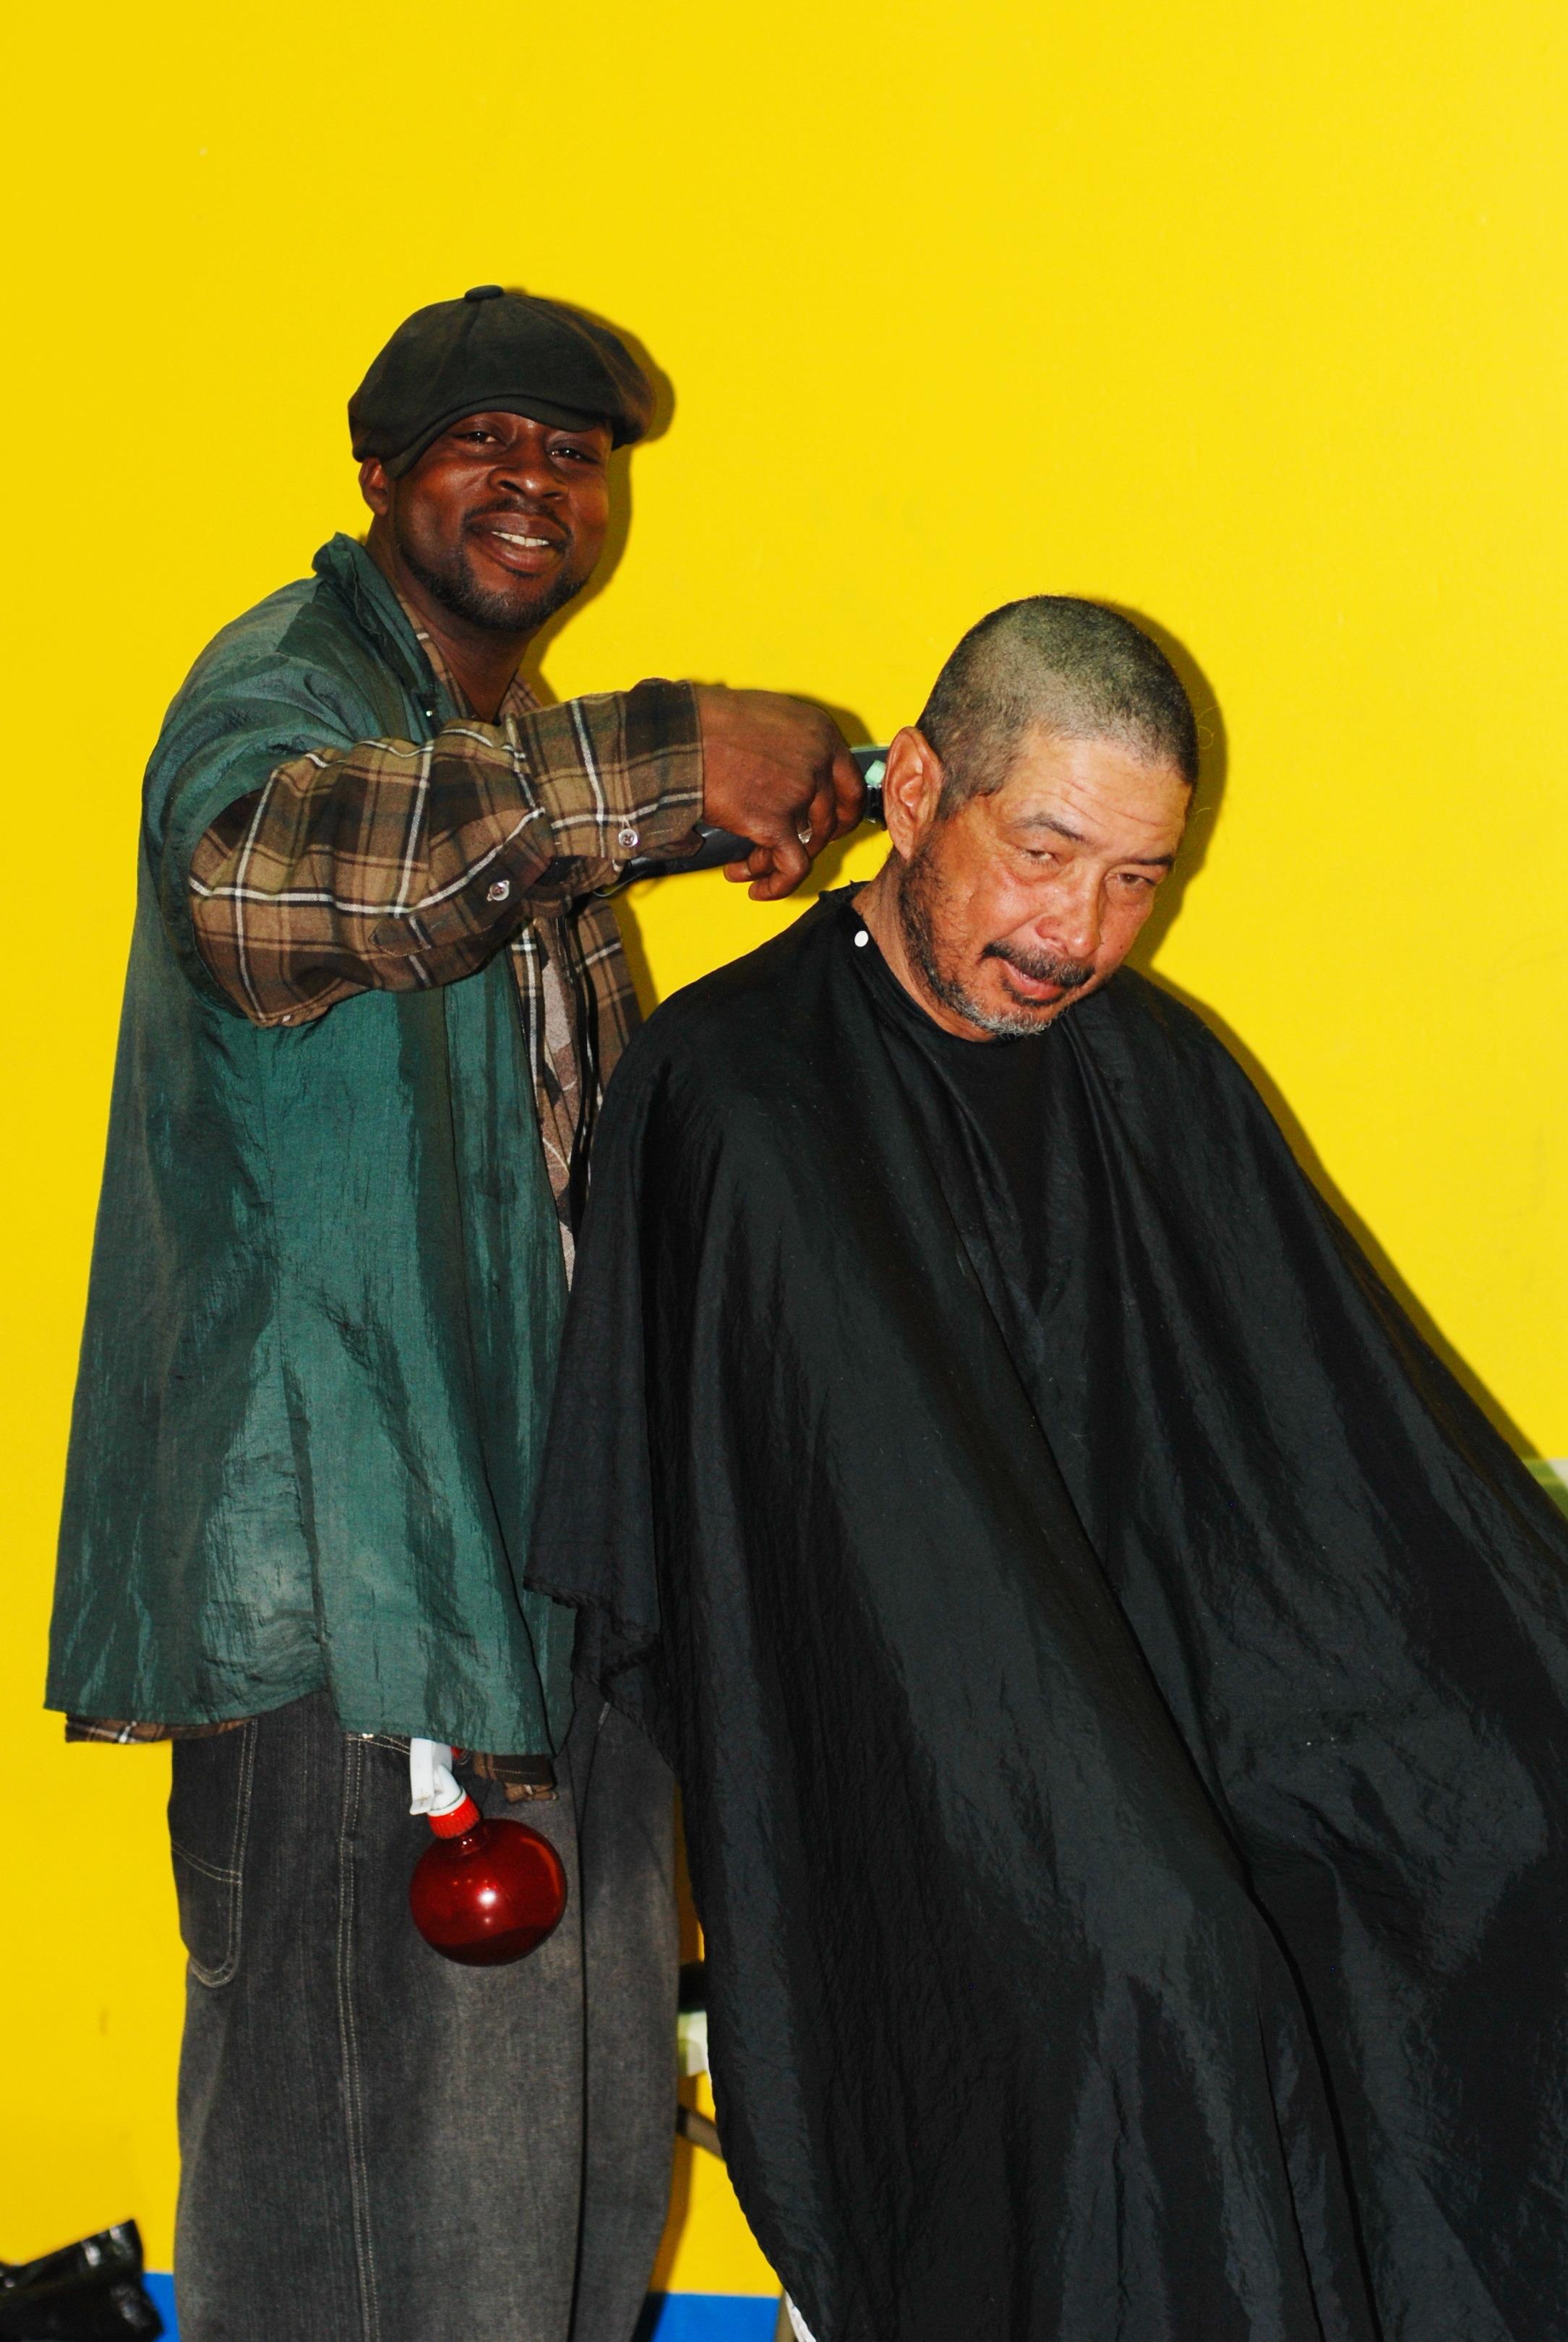 bf17c029f5d310cb757e_Coalition_barber.JPG